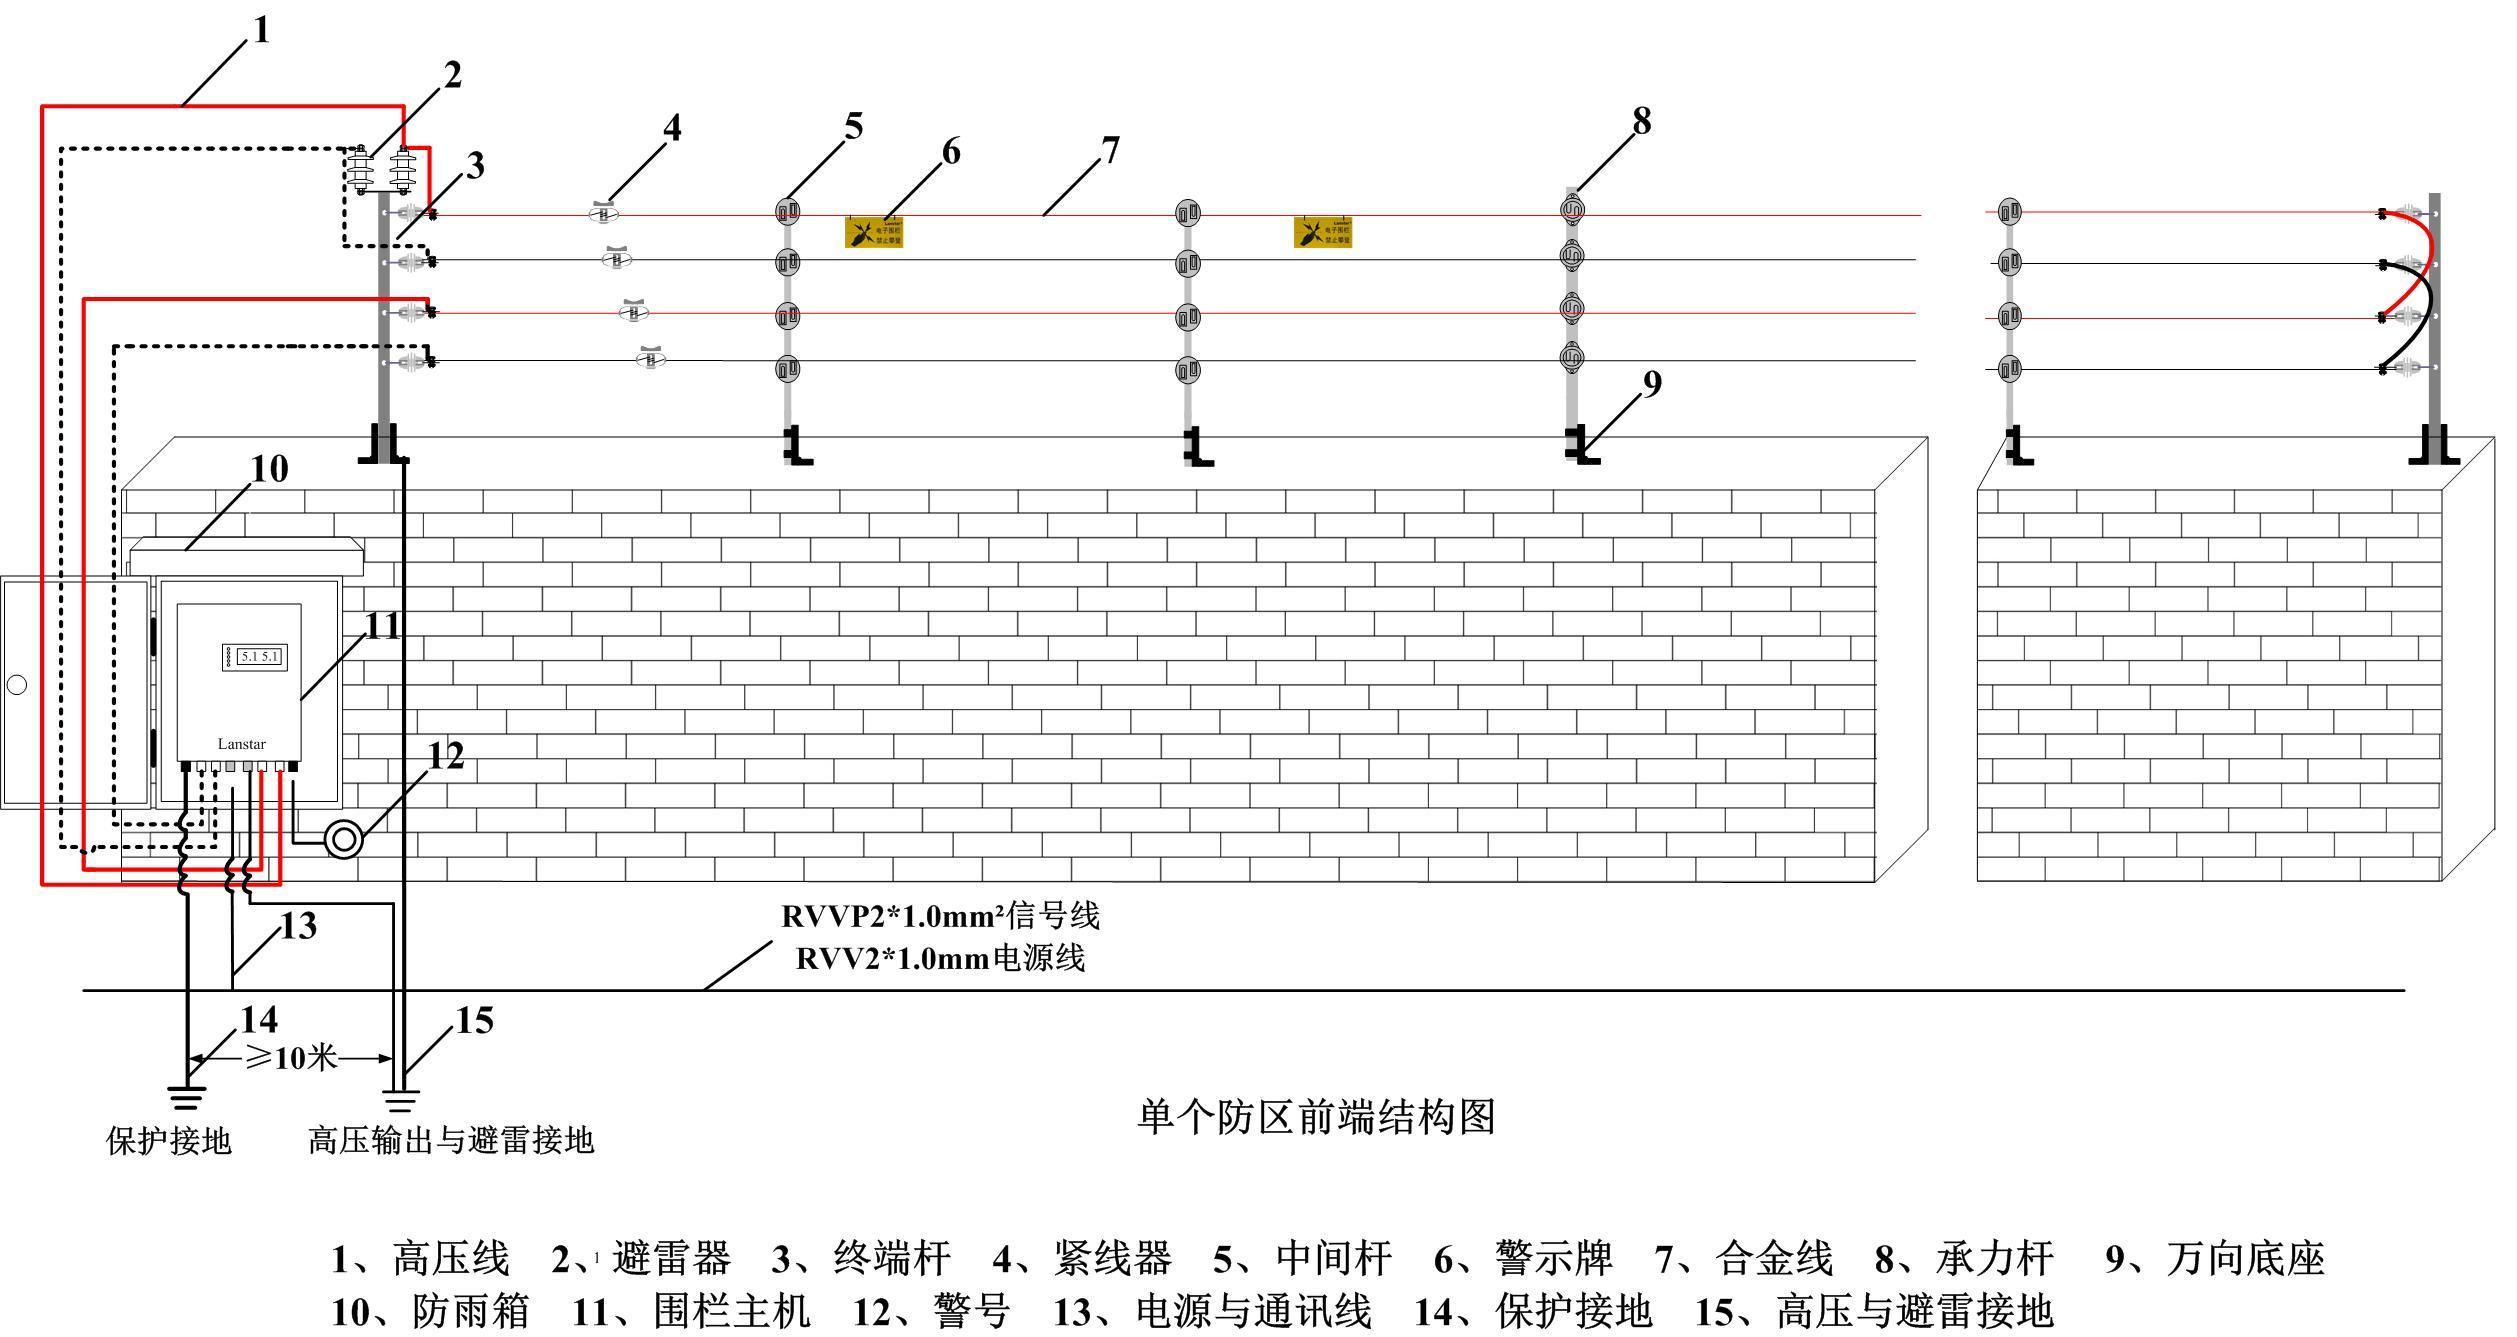 电子围栏的结构示意图